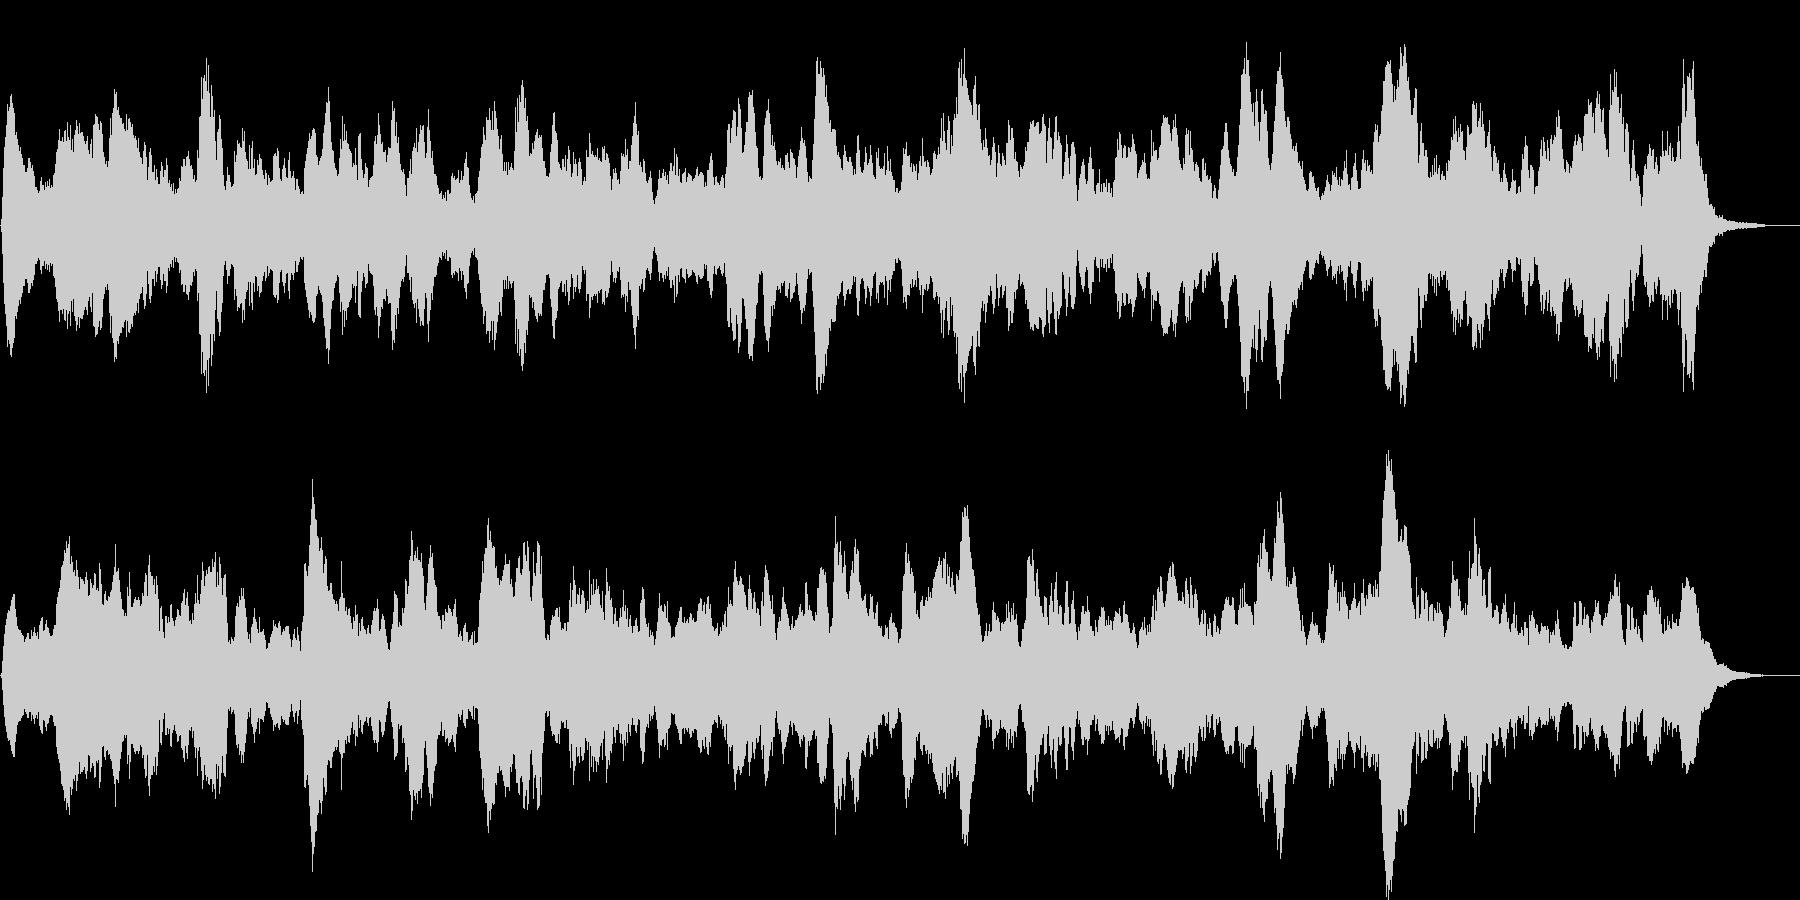 ホラー系(ループ音源)ですの未再生の波形